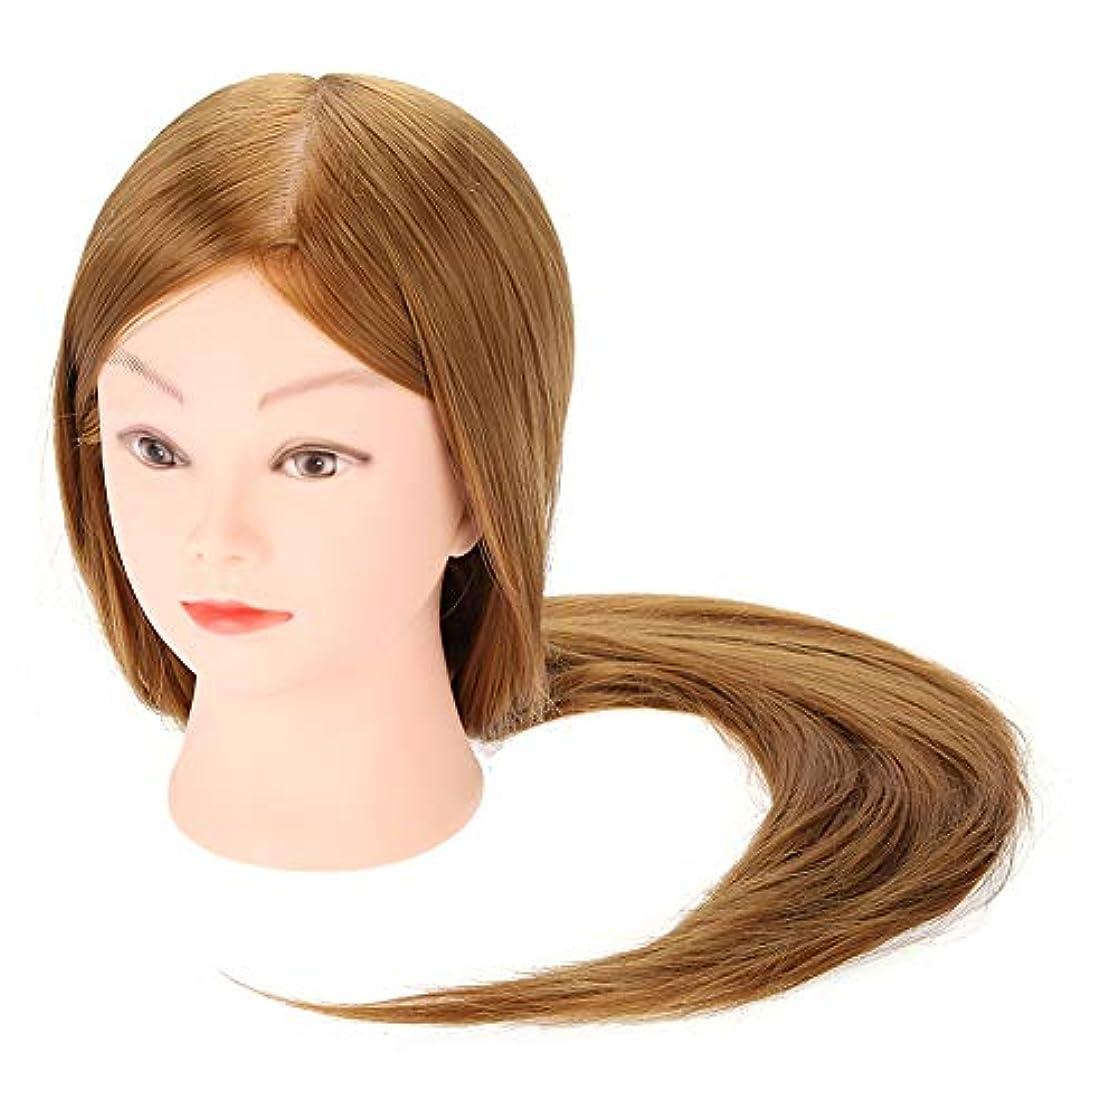 壊れた機械的反映するヘアトレーニングヘッド、 ヘアスタイリング 美容練習用ヘアスタイリングプラクティス ヘアドレッシング かつらマネキン